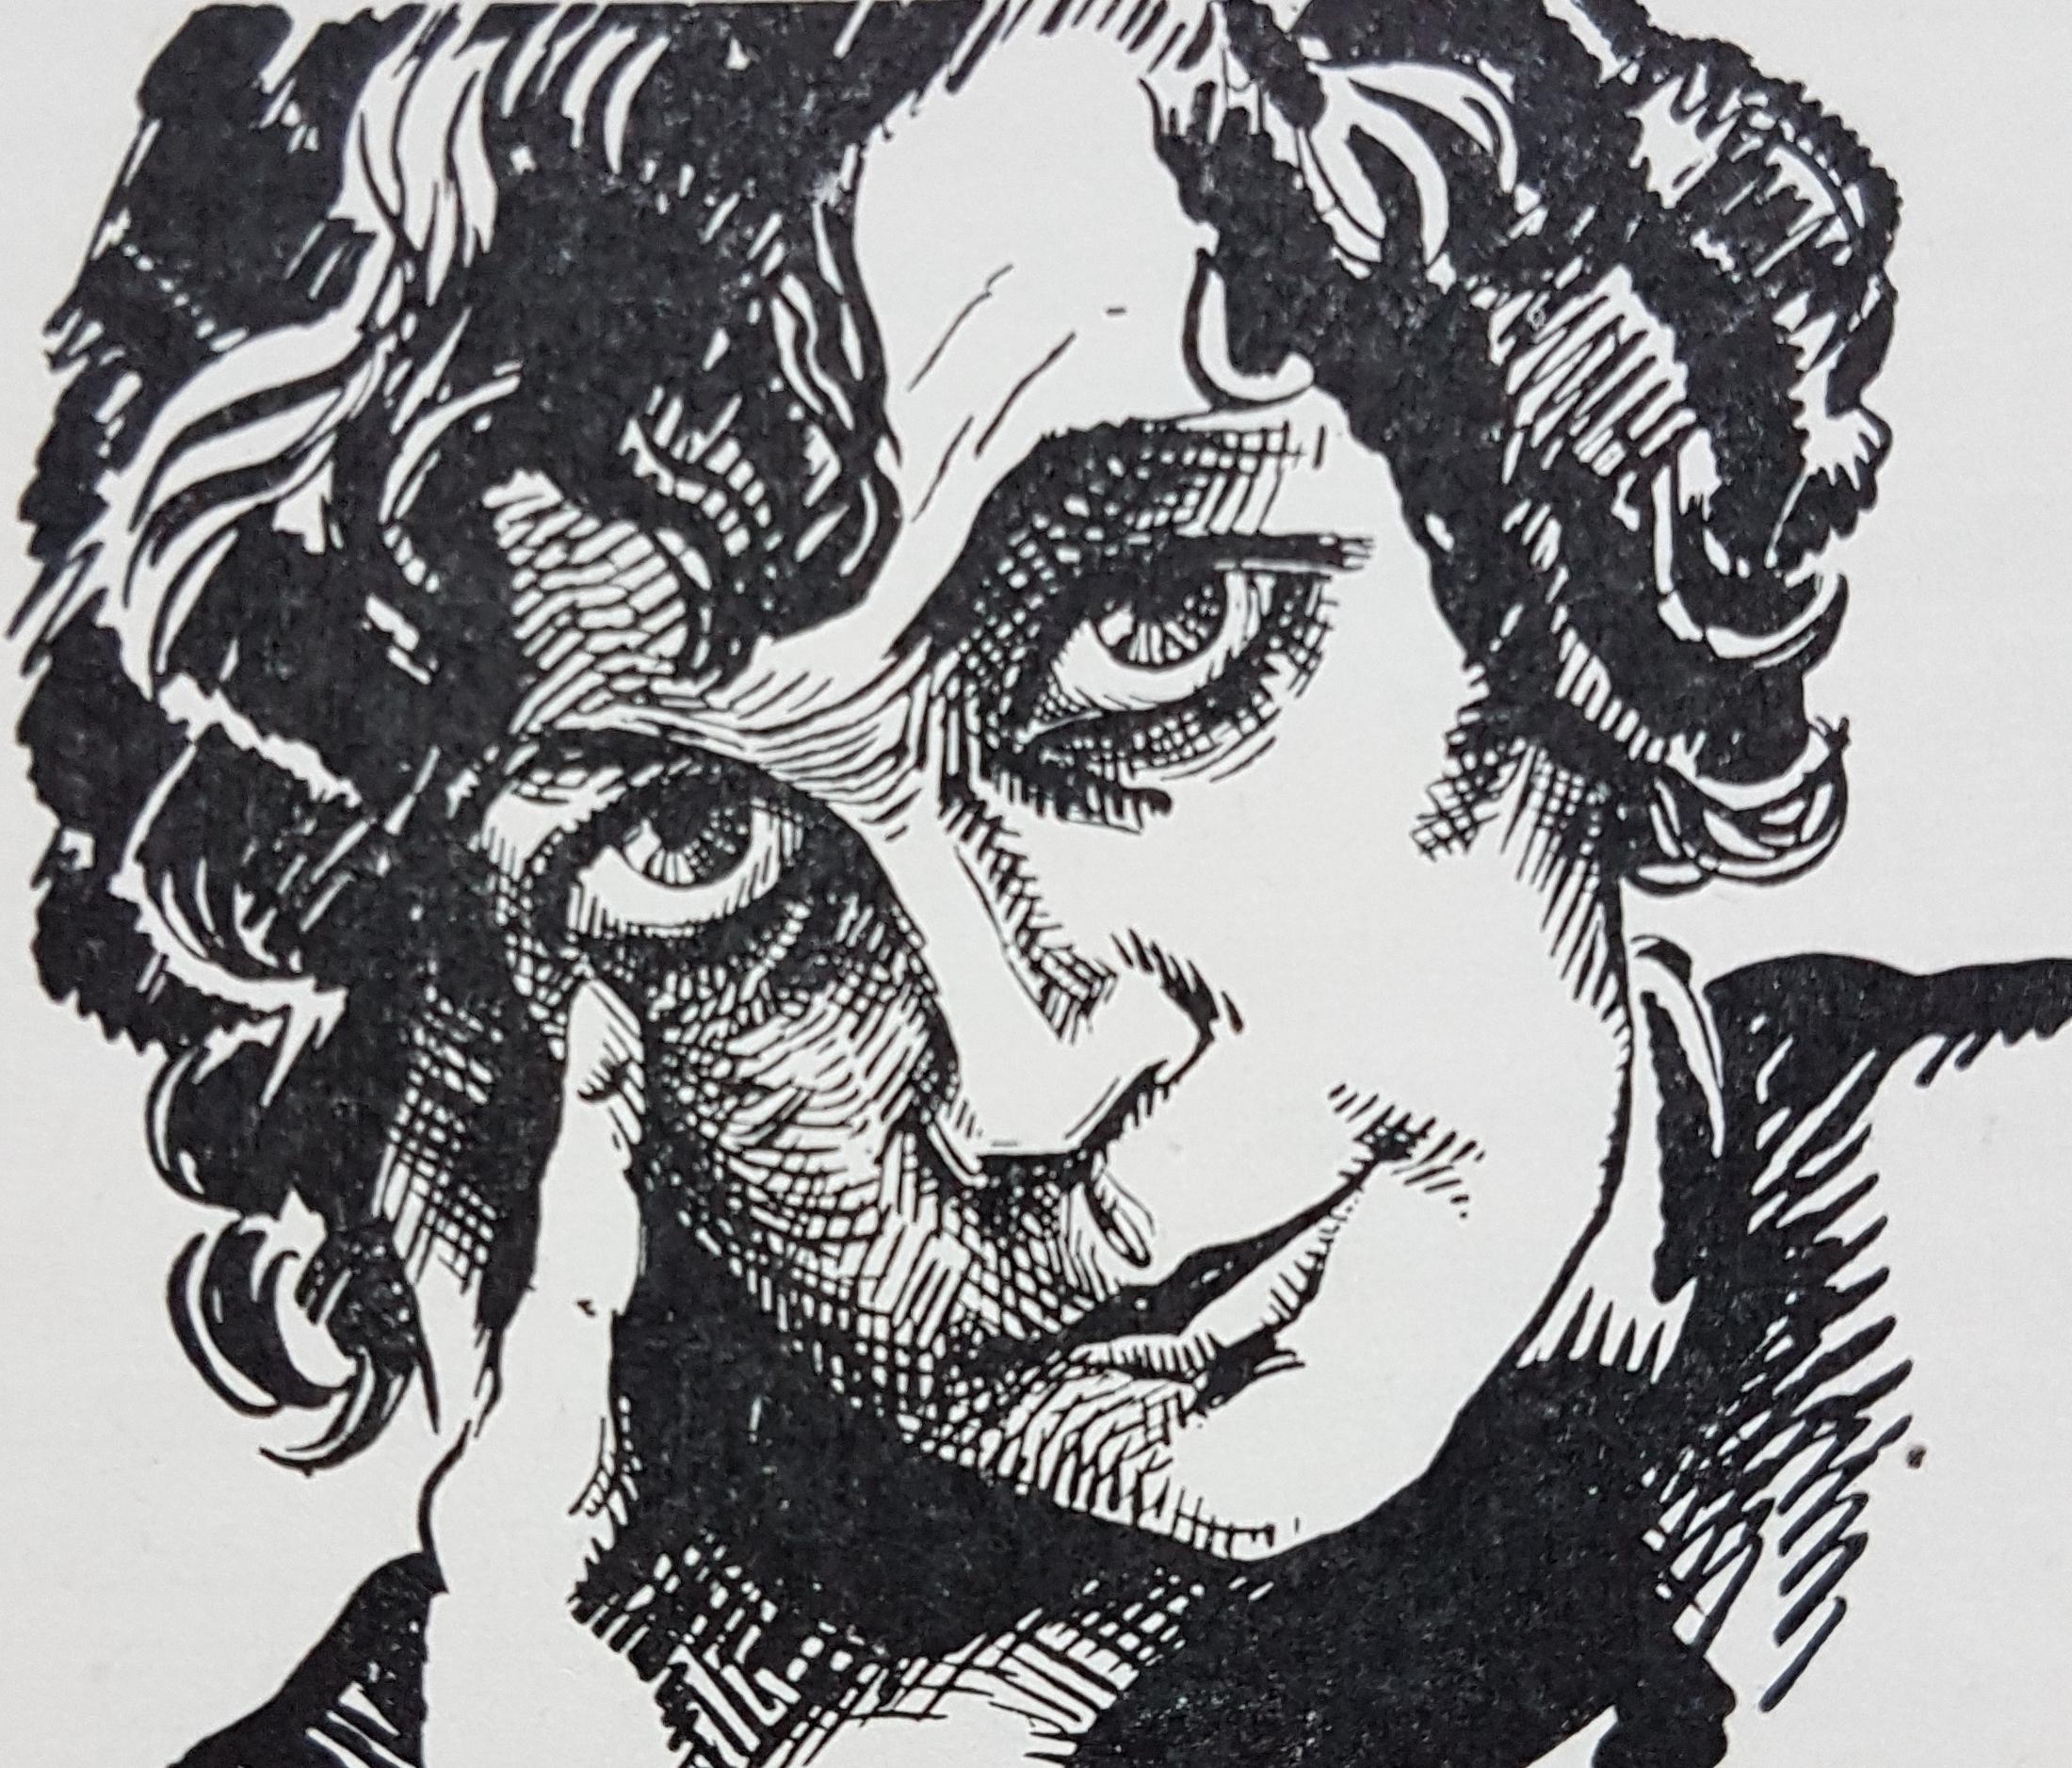 Elsa Hammar-Moeschlin, self-portrait in Roosval, Johnny et al (red), Svenskt konstnärslexikon, Allhem, Malmö, 1952-1967. Image source: Wikimedia Commons (Janee)